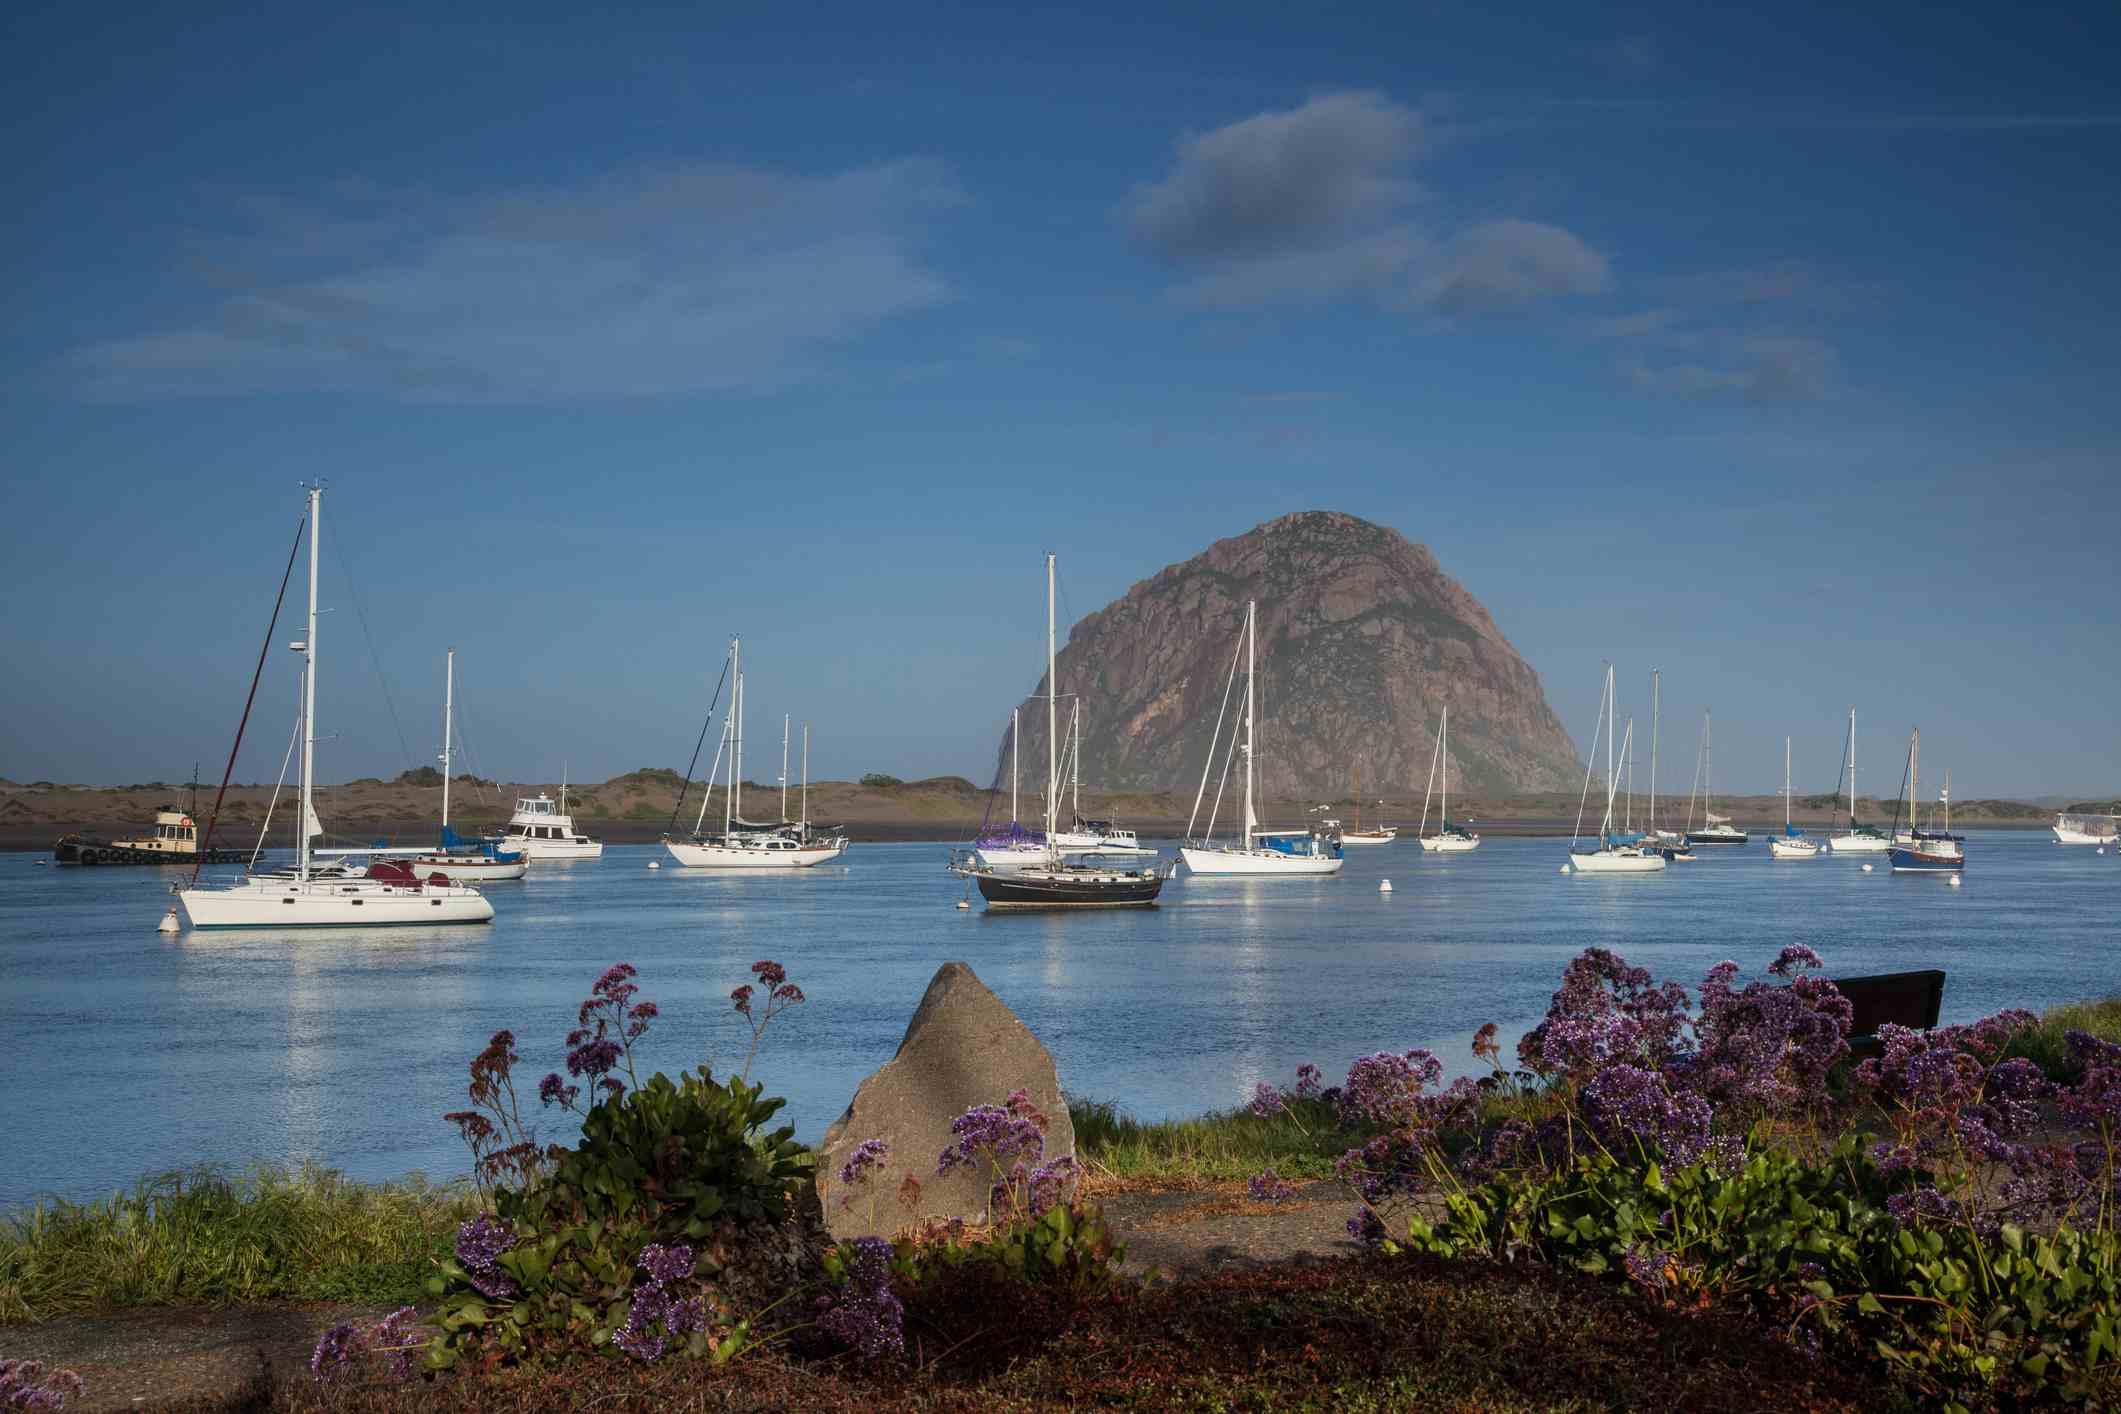 Vista de Morro Rock y Morro Bay